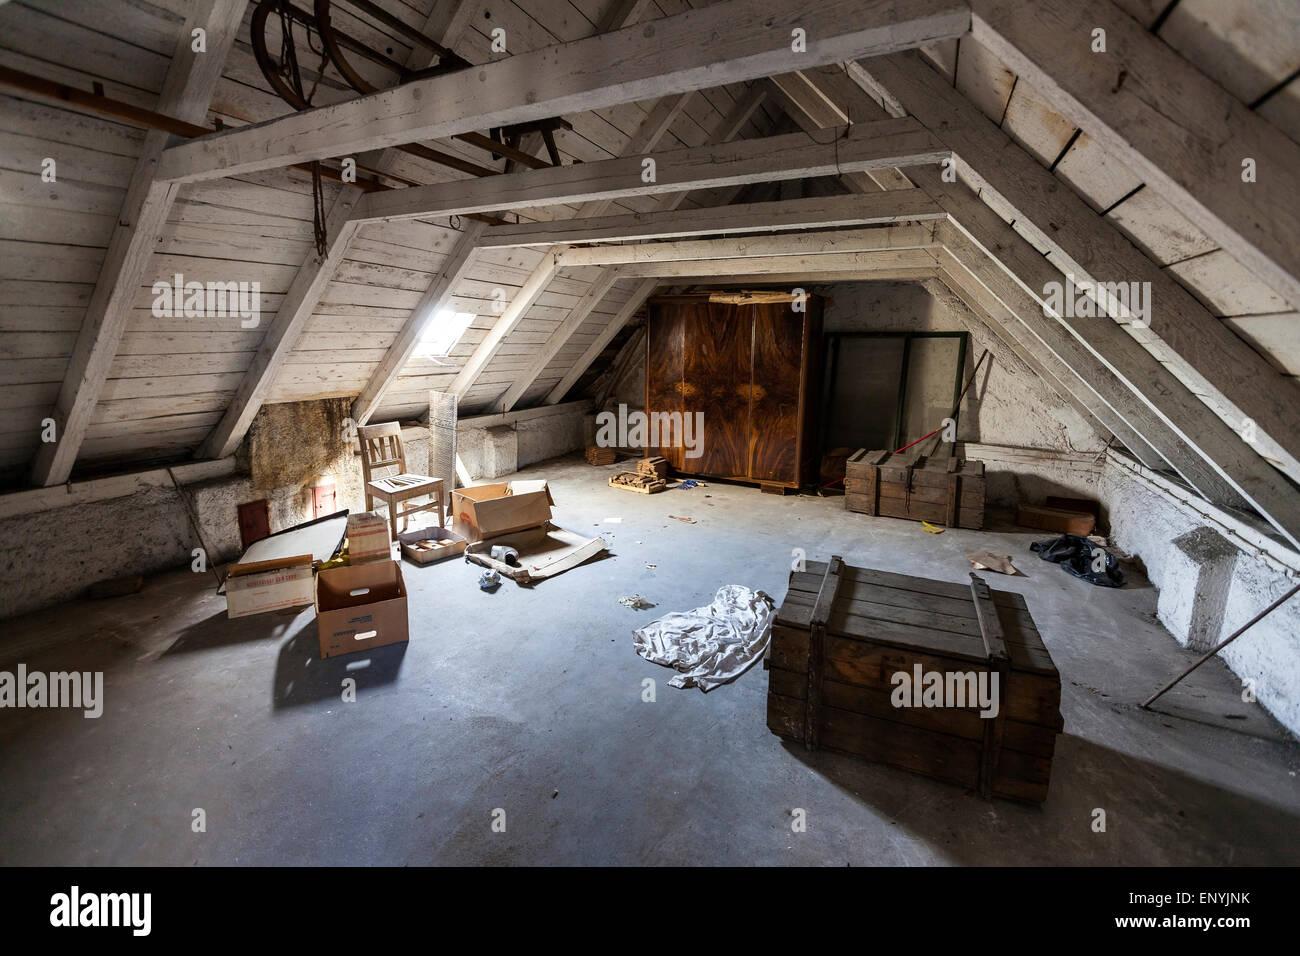 Einzigartig Dachboden Das Beste Von Alten Mit Versteckten Geheimnisse Von Einem Verlassenen